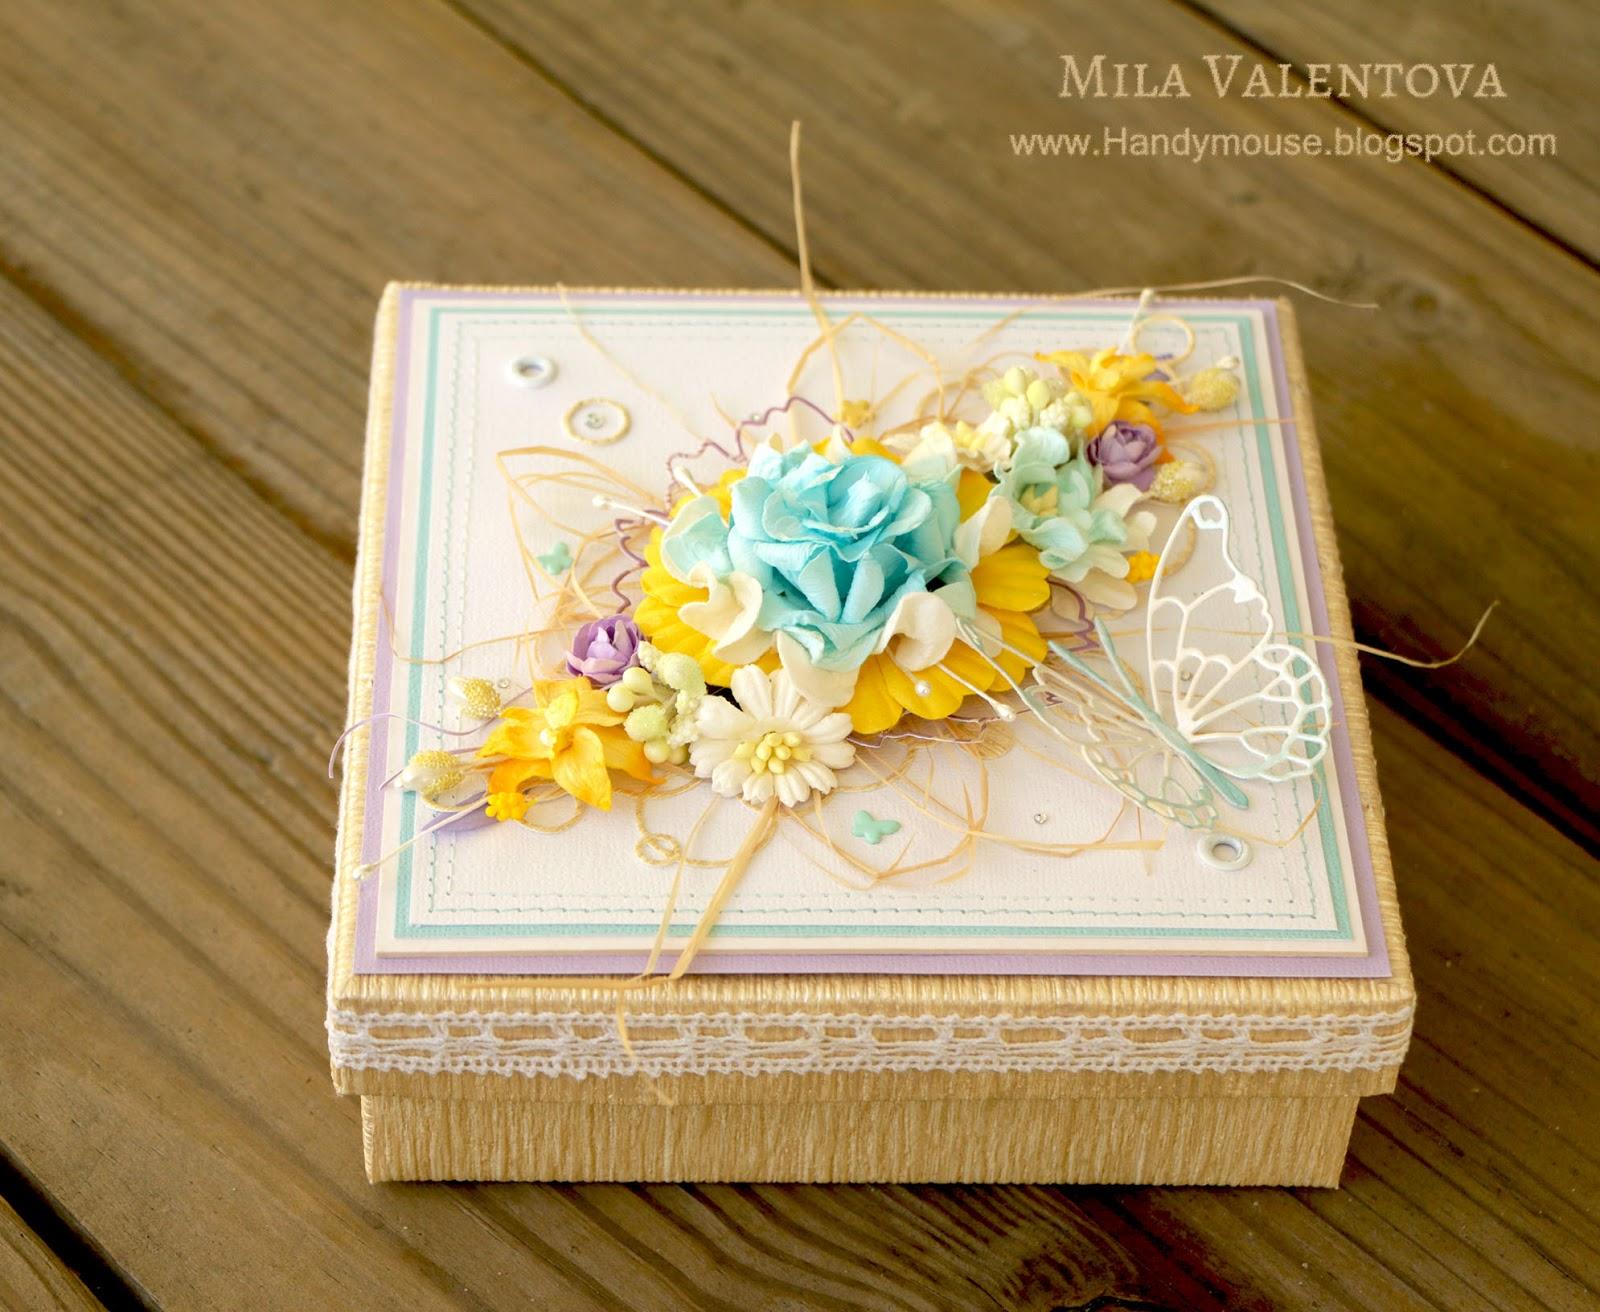 Подарочная коробочка для подвязки невесты. Мила Валентова.